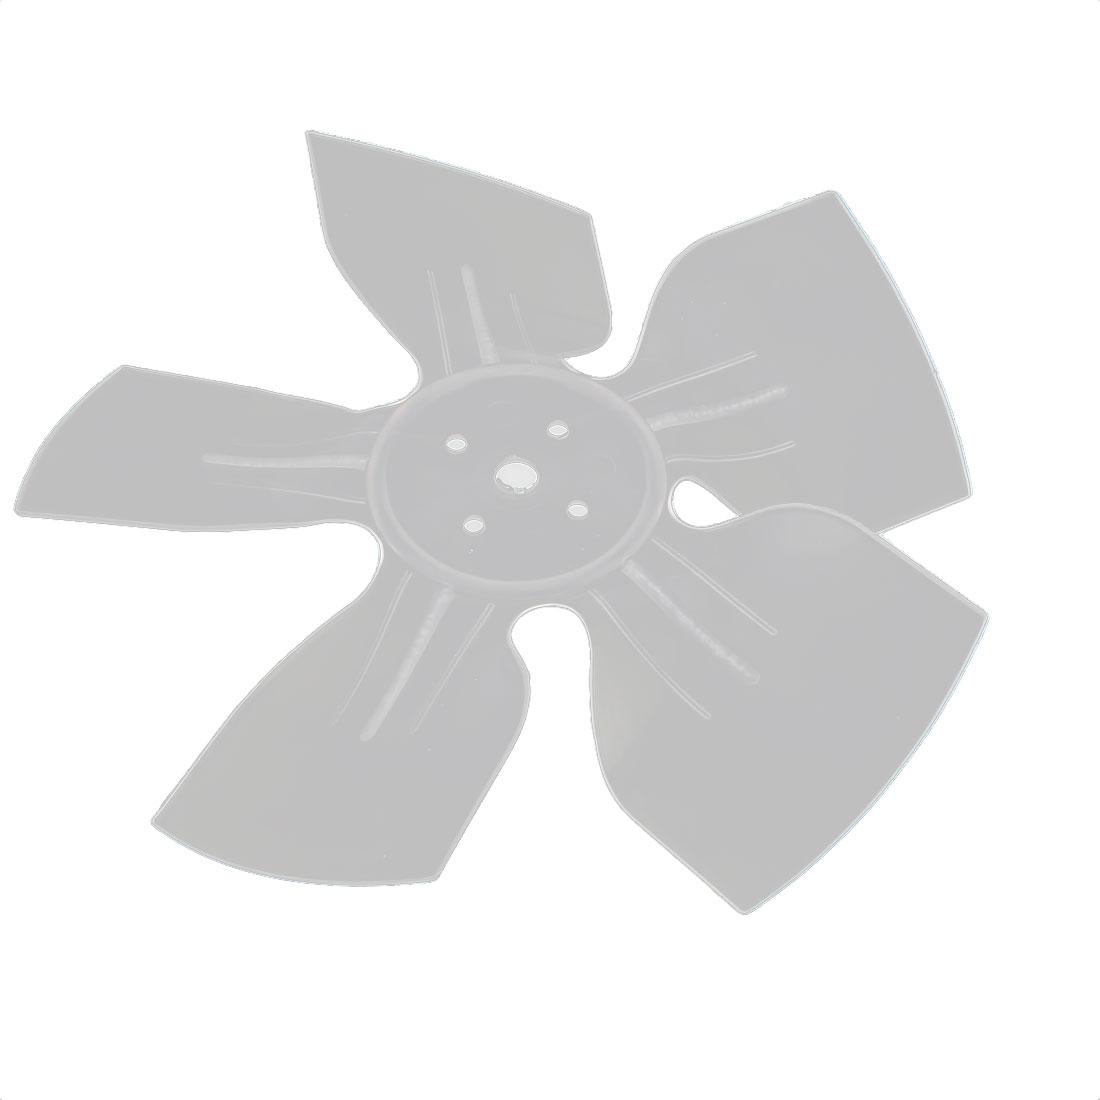 Plastic Fan Refrigertor Ventilator Exaust Motor Vanes 170mm Diameter